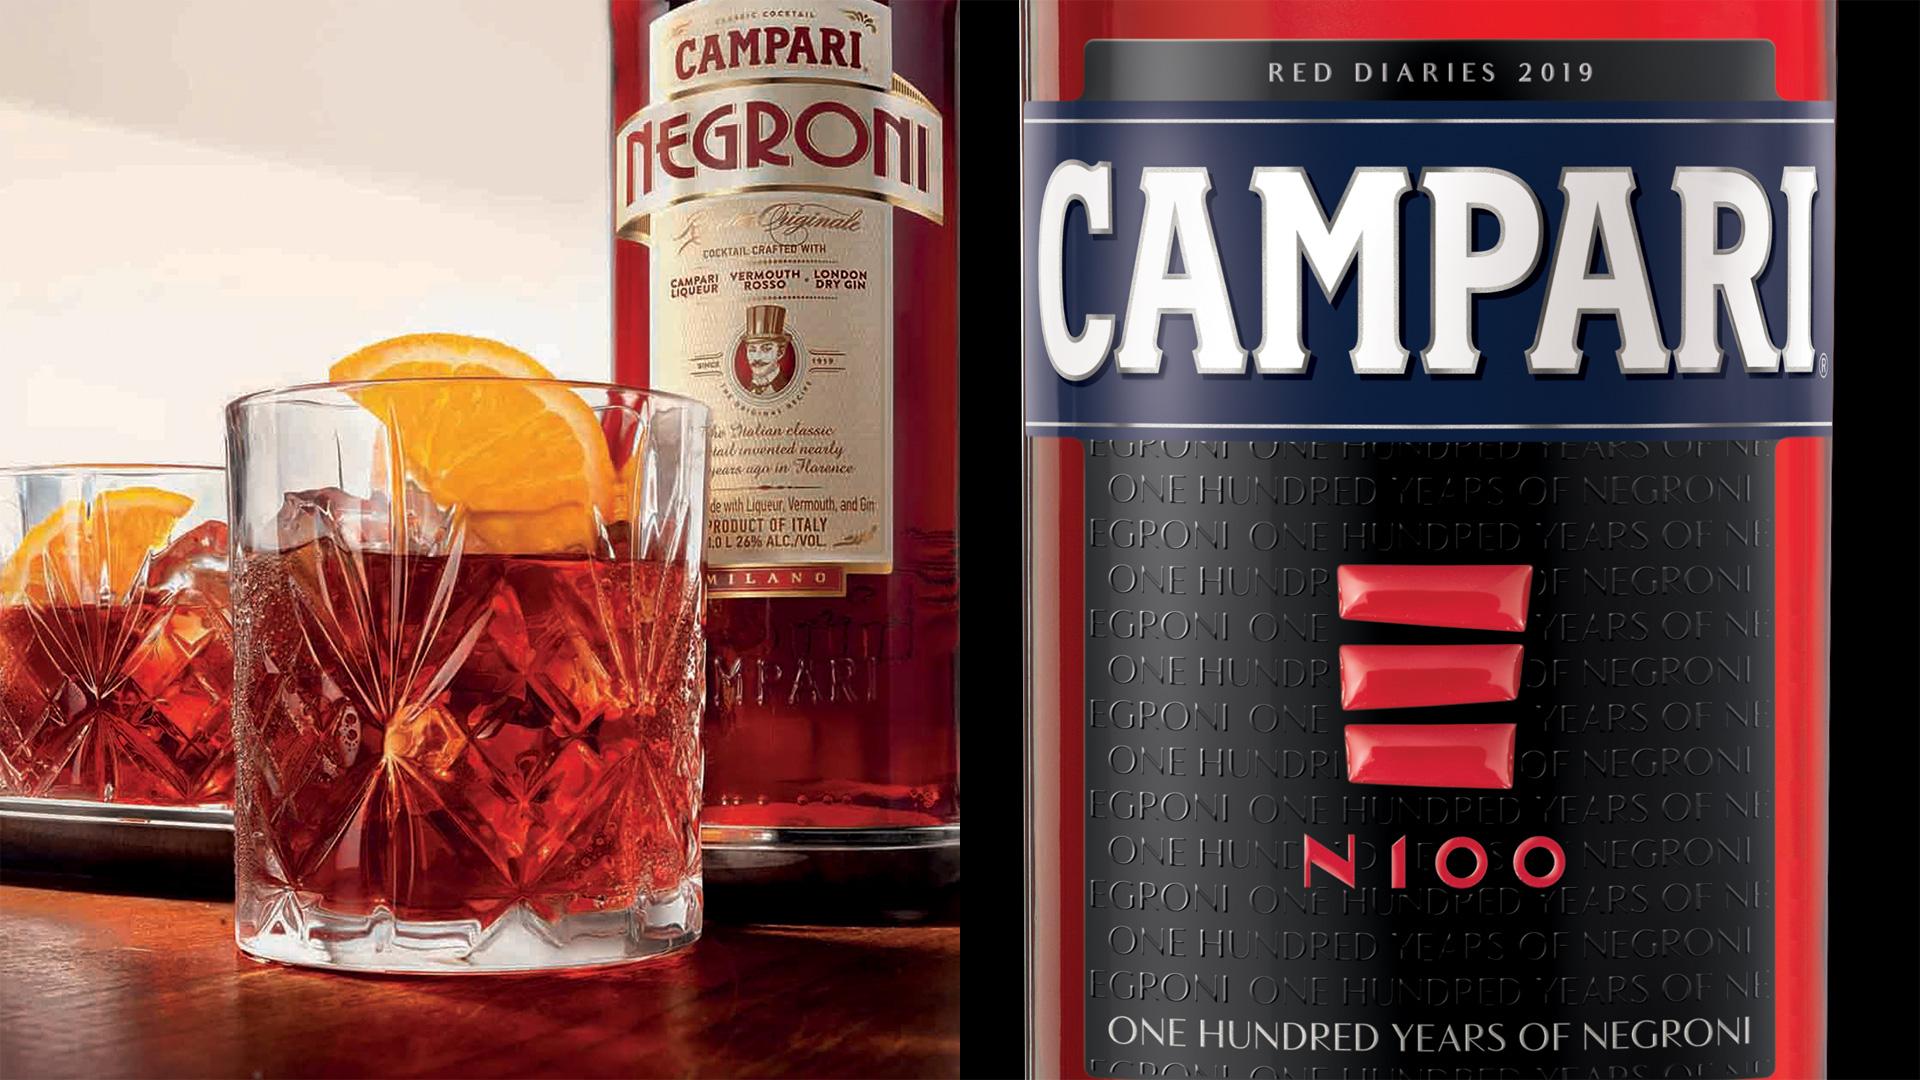 Campari-Rba-Design-002